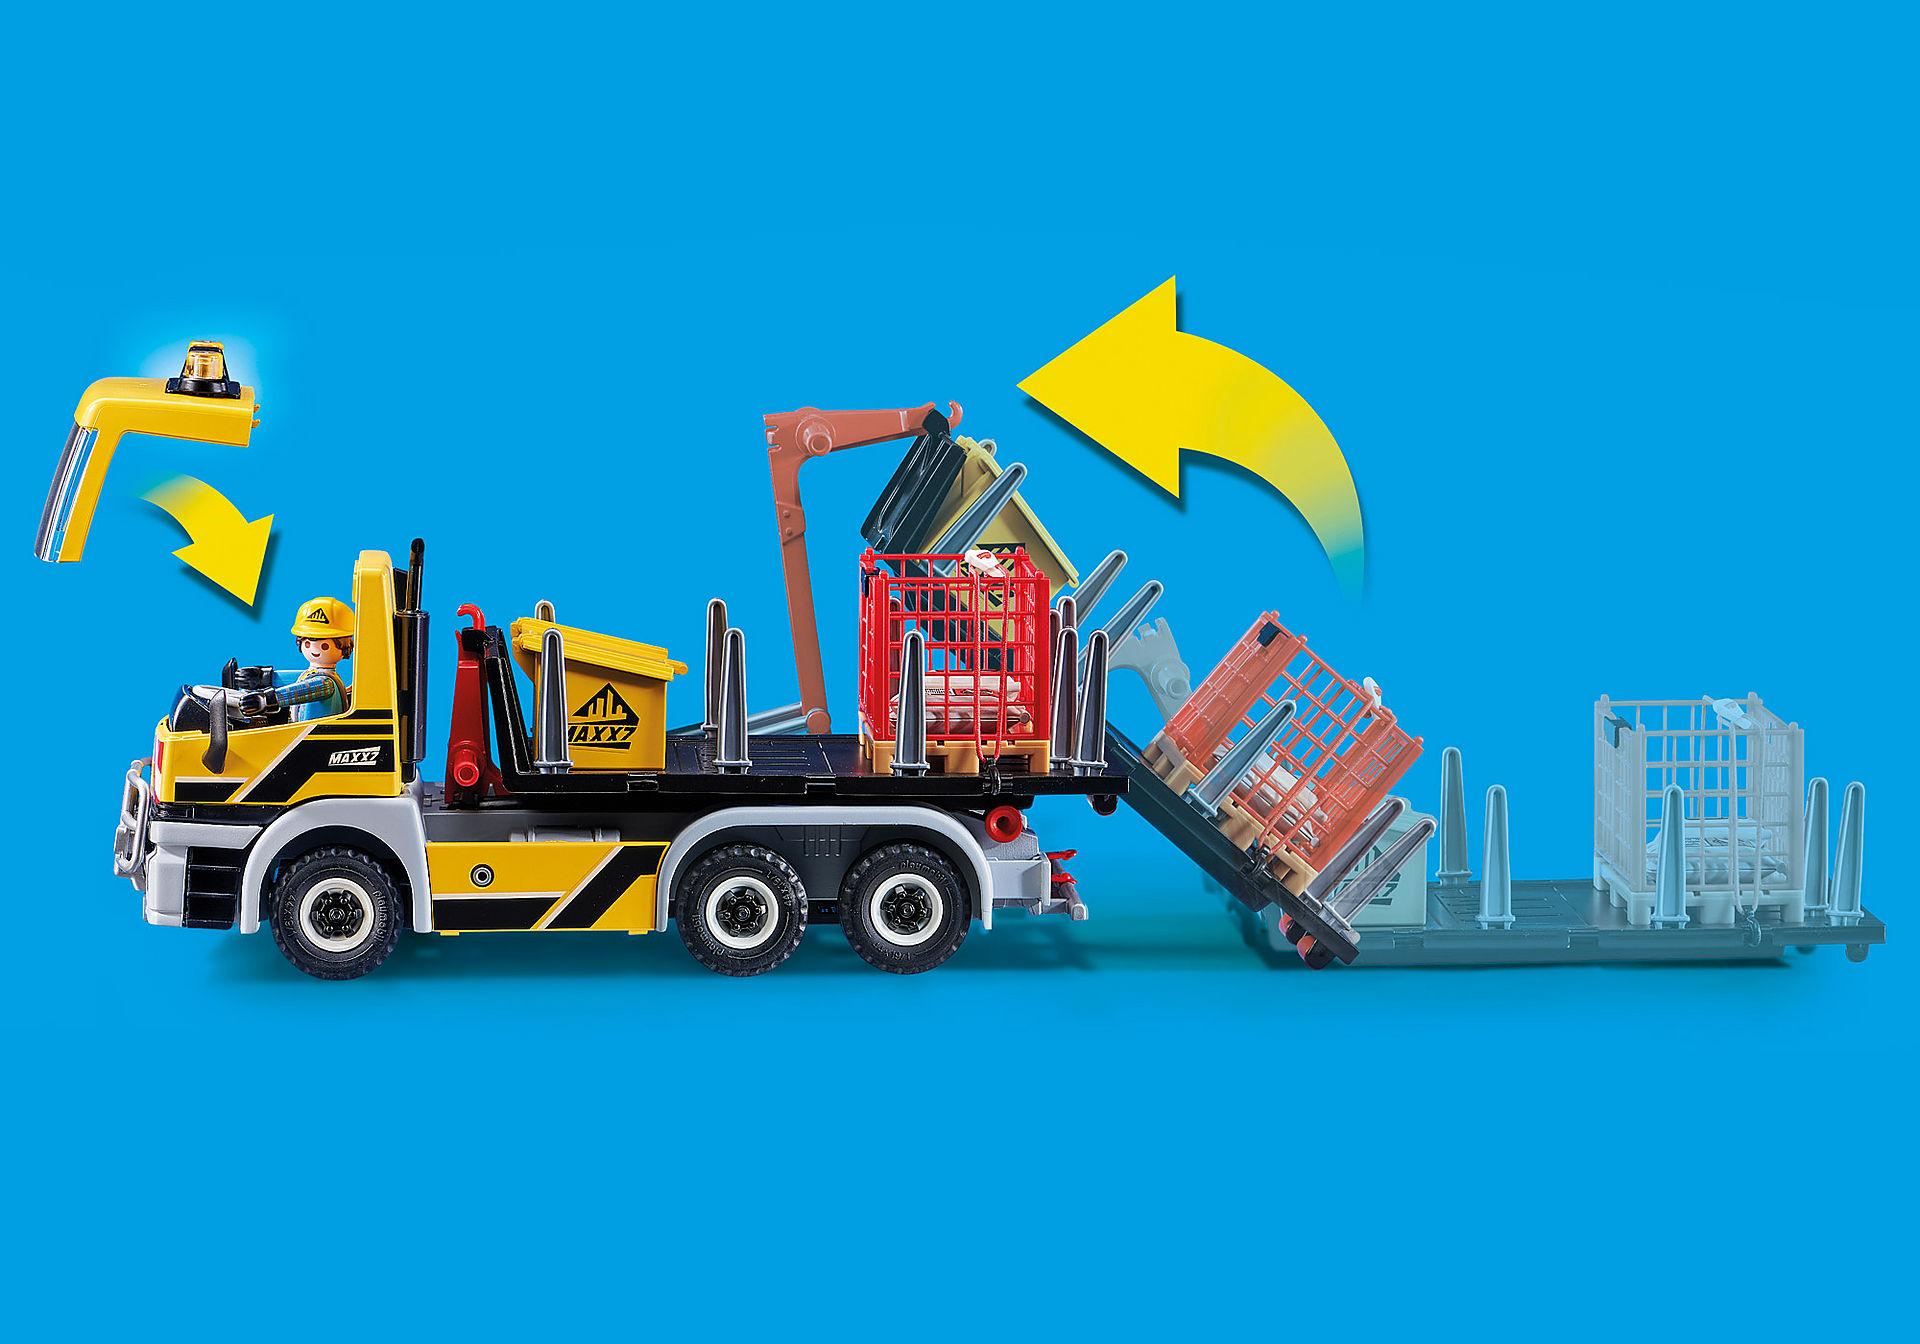 70444 Interchangeable Truck zoom image7